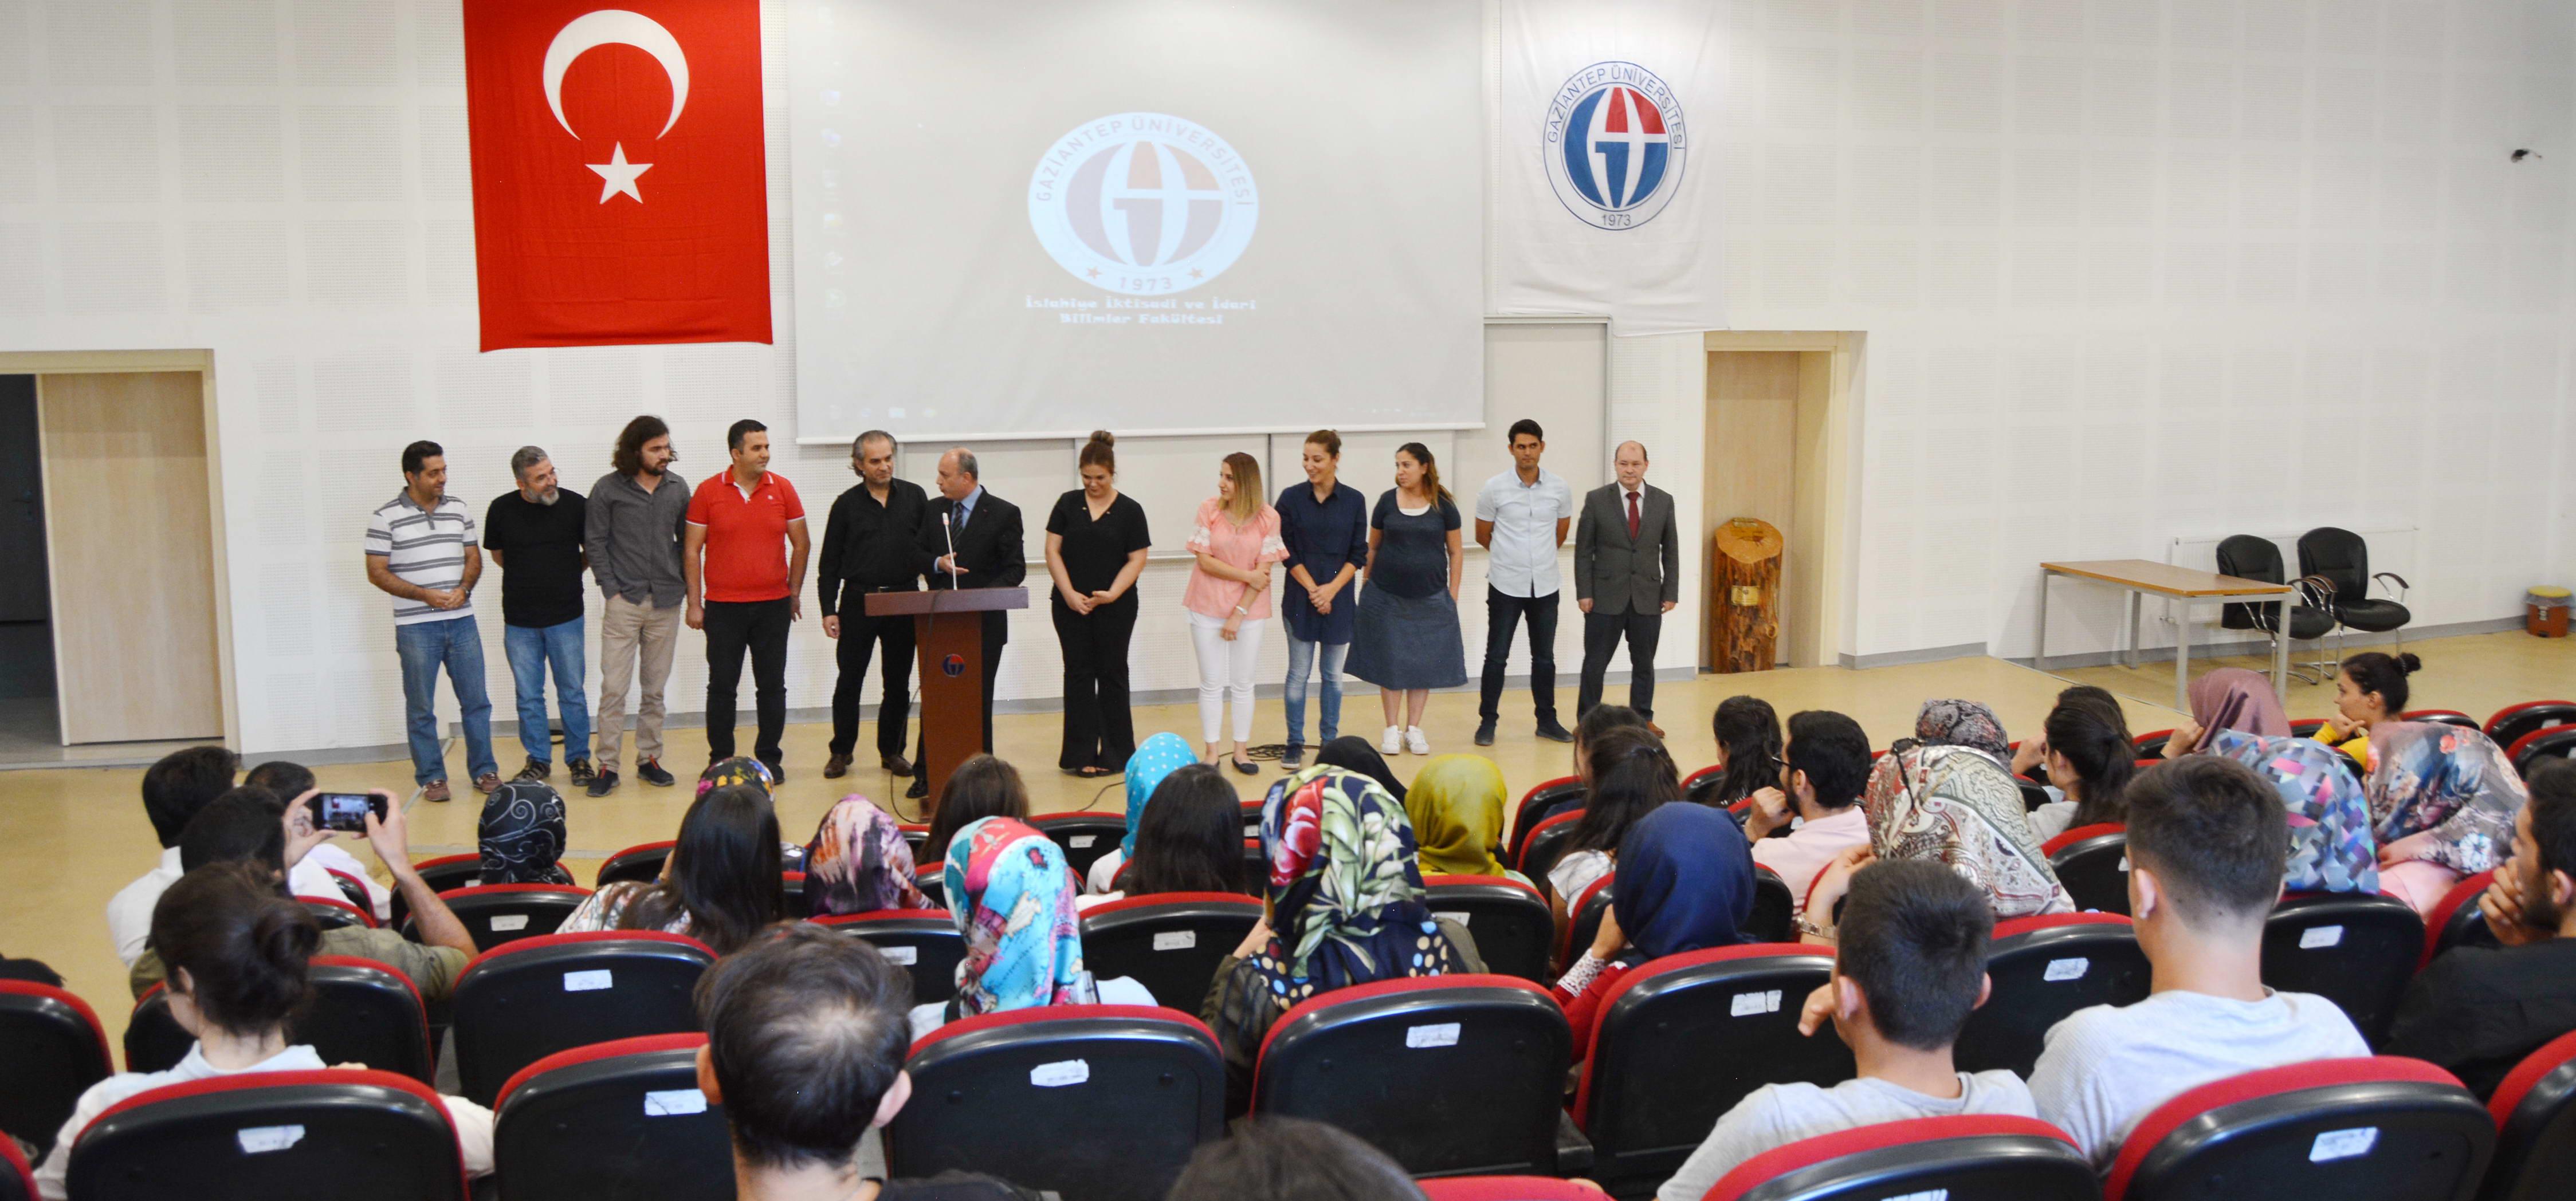 islahiye İİBF'de Oryantasyon Eğitimi -  (1)